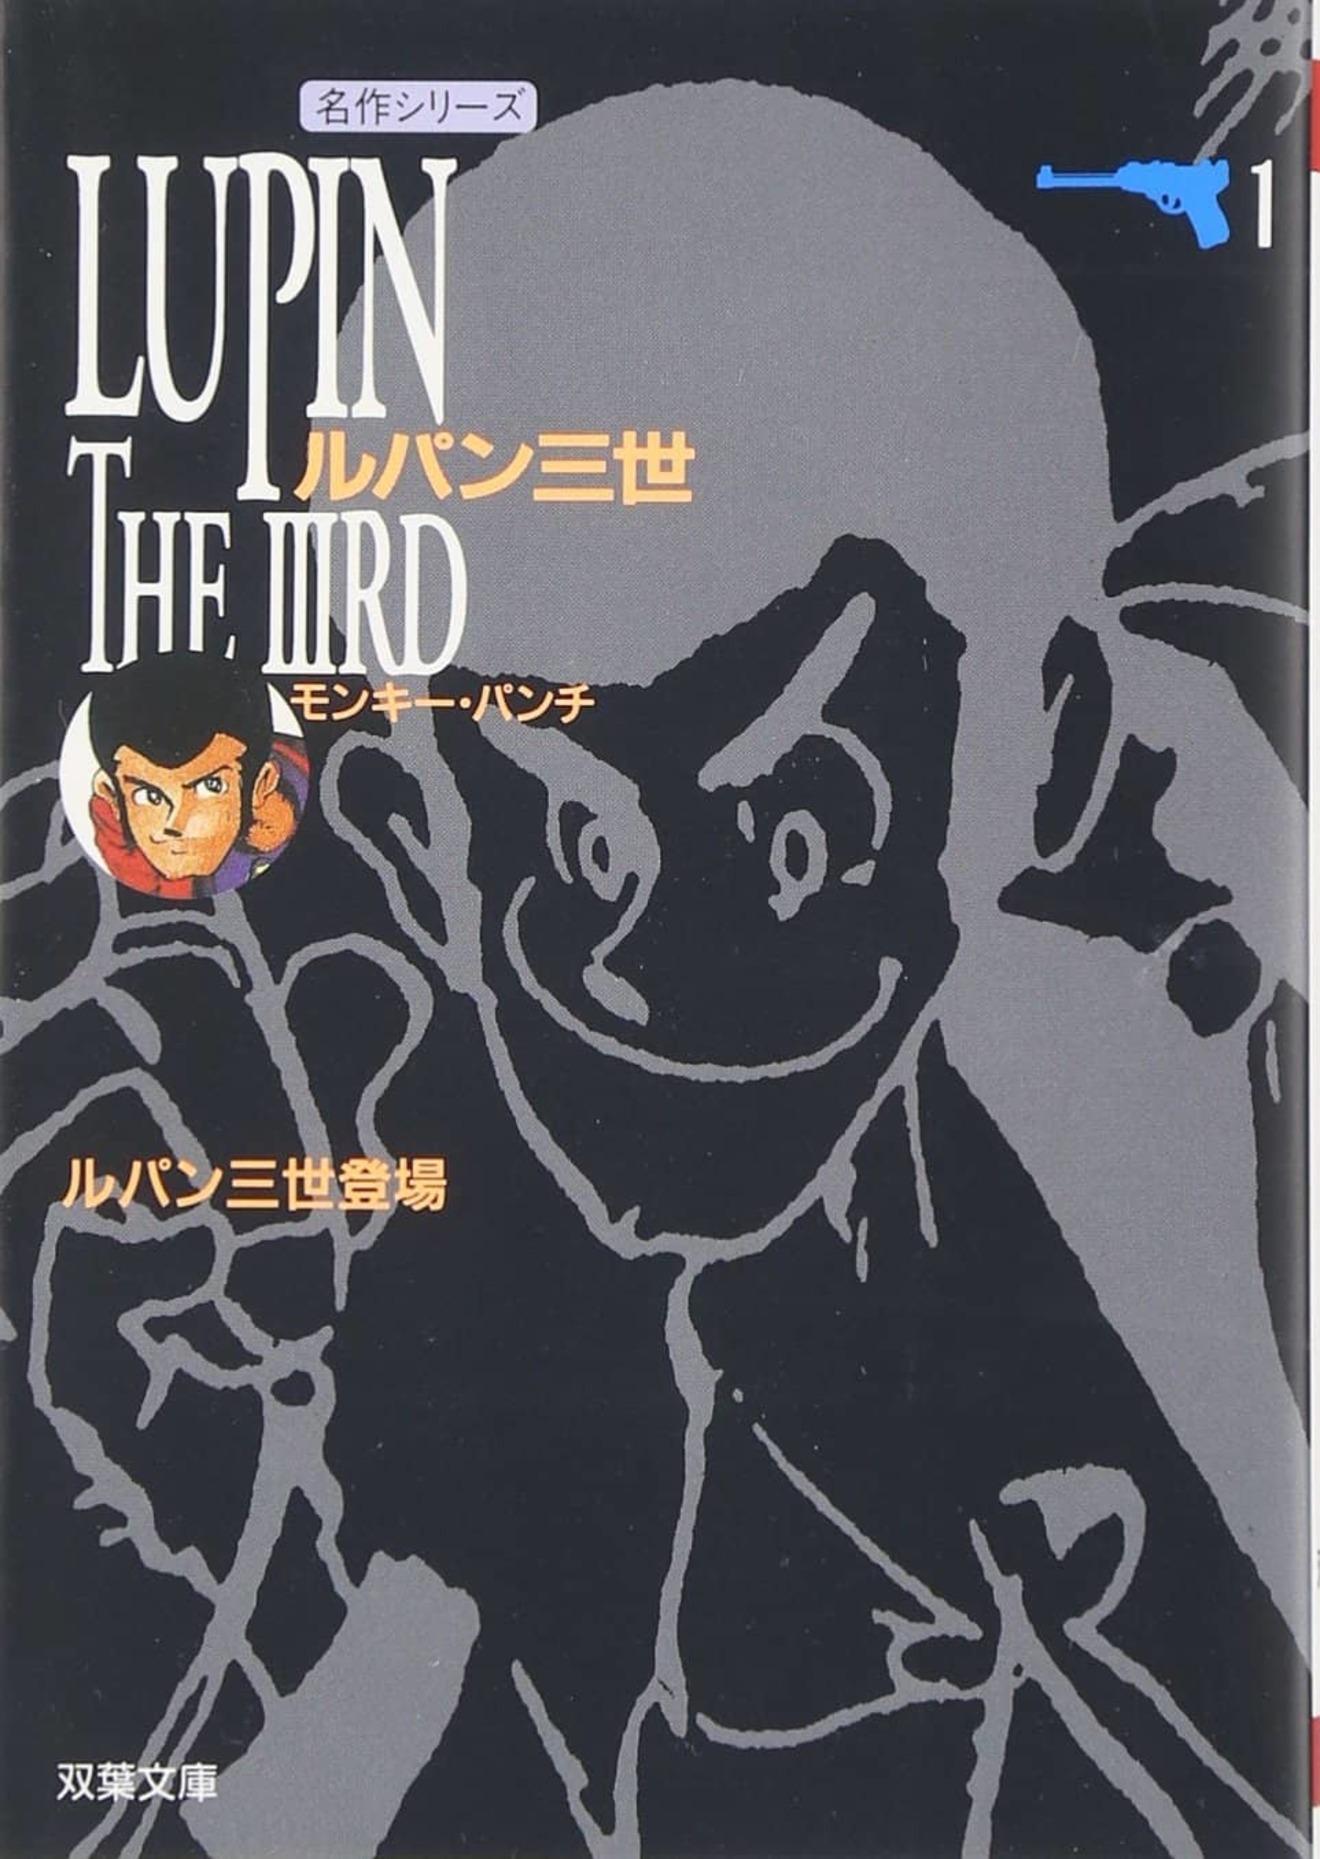 漫画「ルパン三世」を知りたいあなたに贈る9の事実。原作の魅力を徹底解説